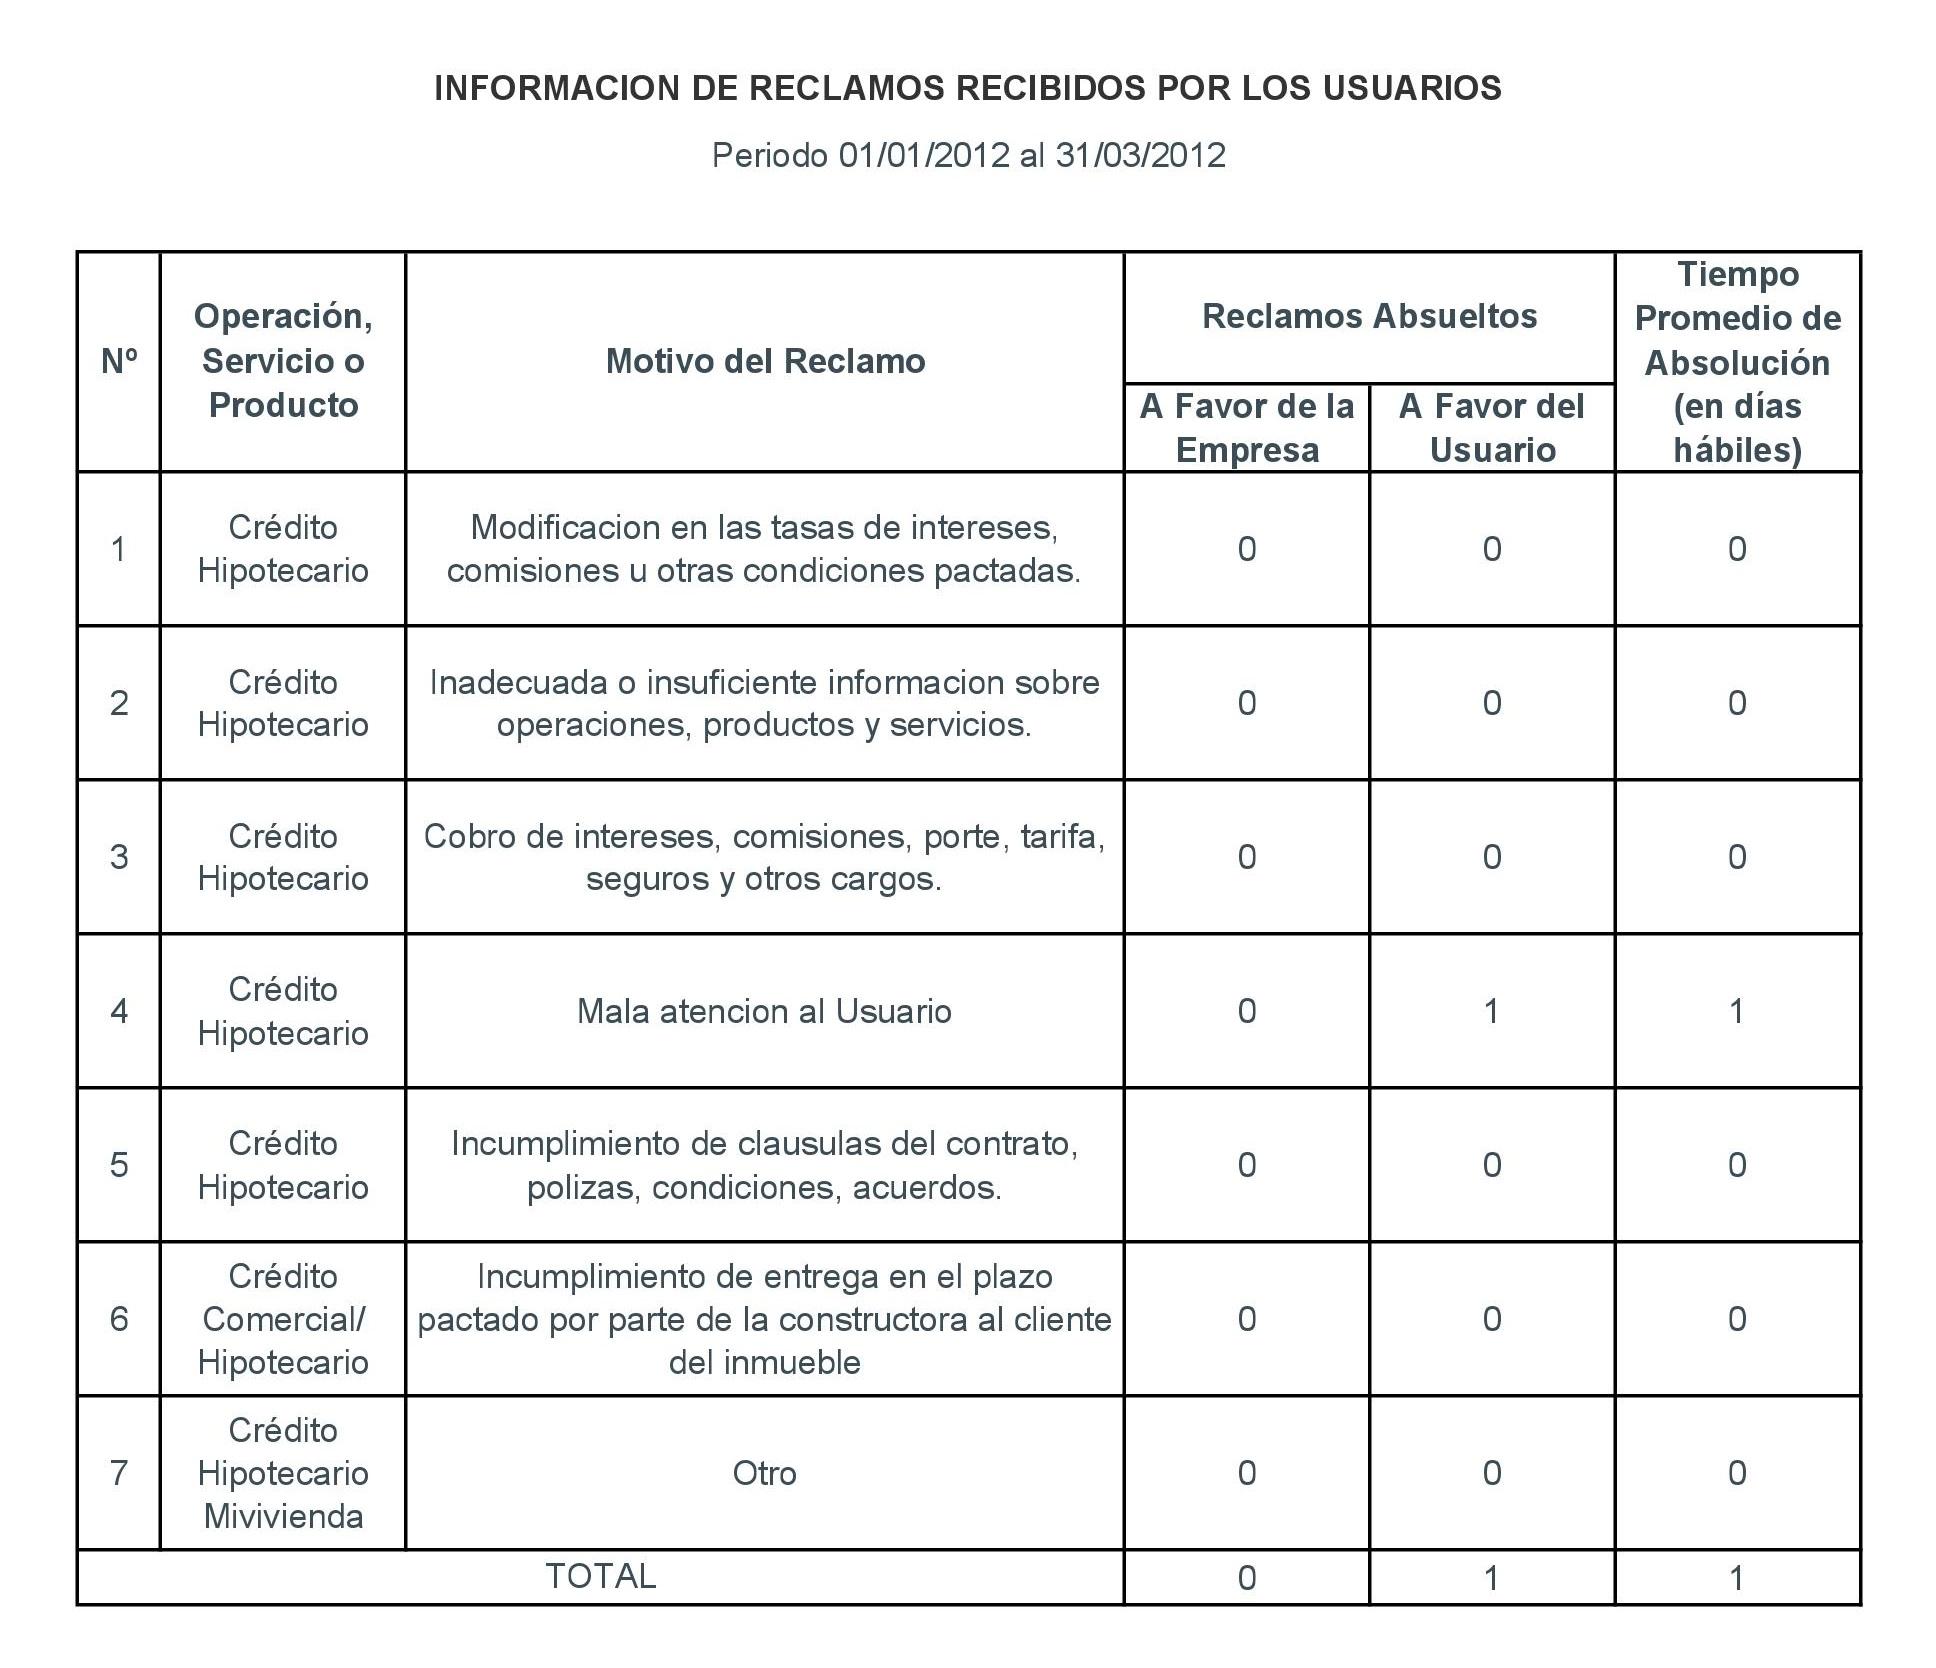 Periodo 01-01-2012 al 31-03-2012